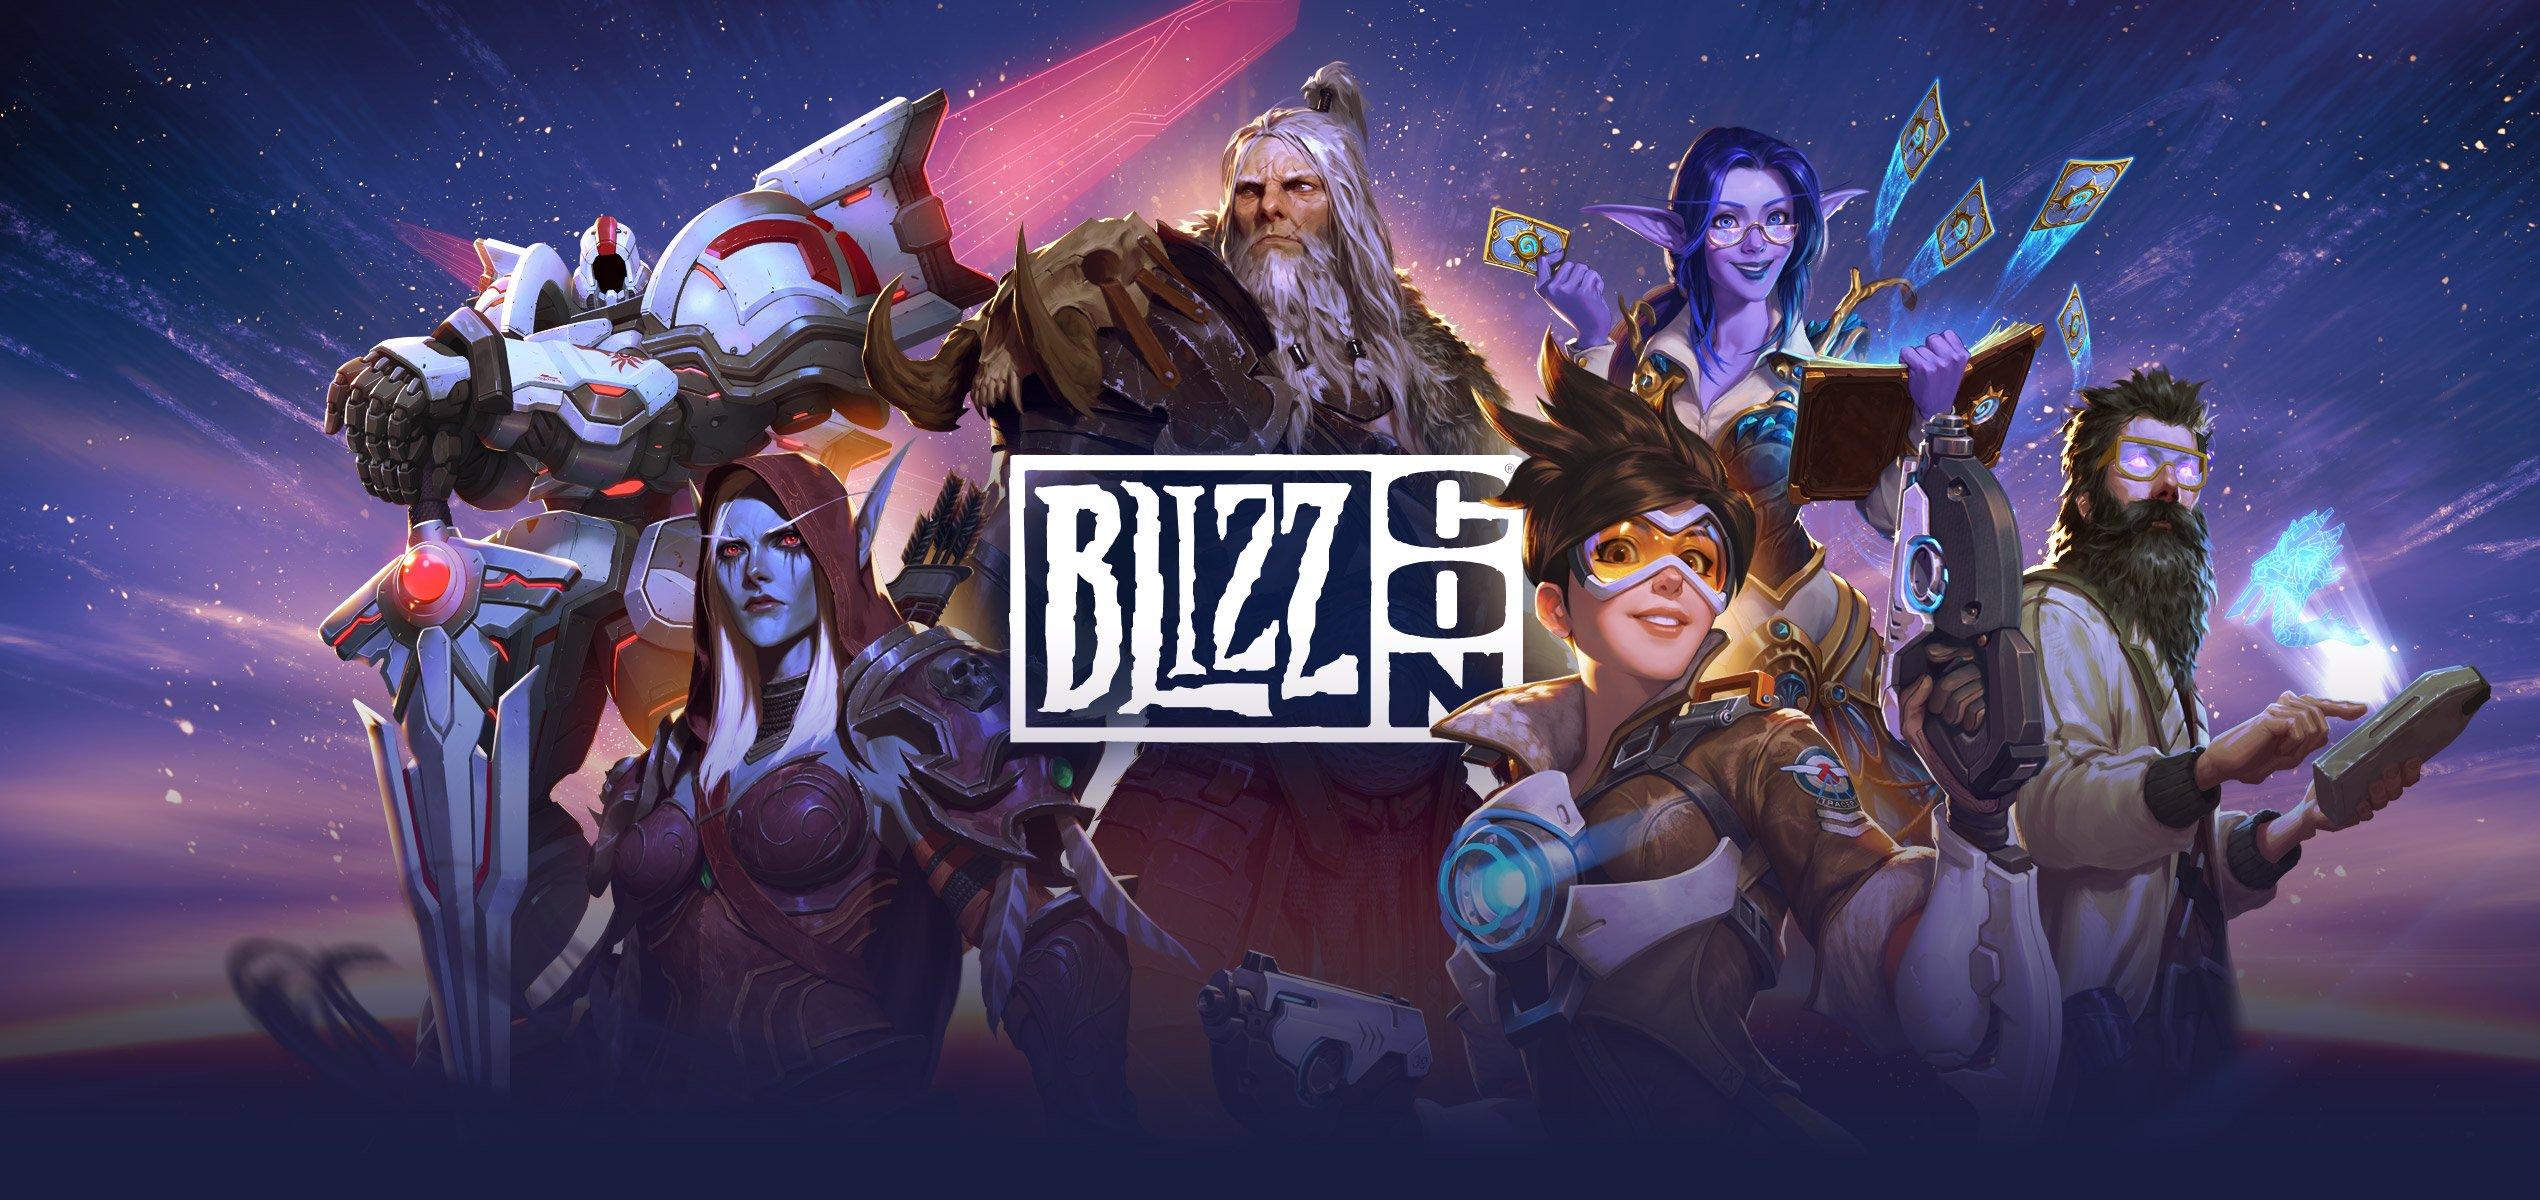 Blizzard revela plano de actividades da BlizzCon 2021